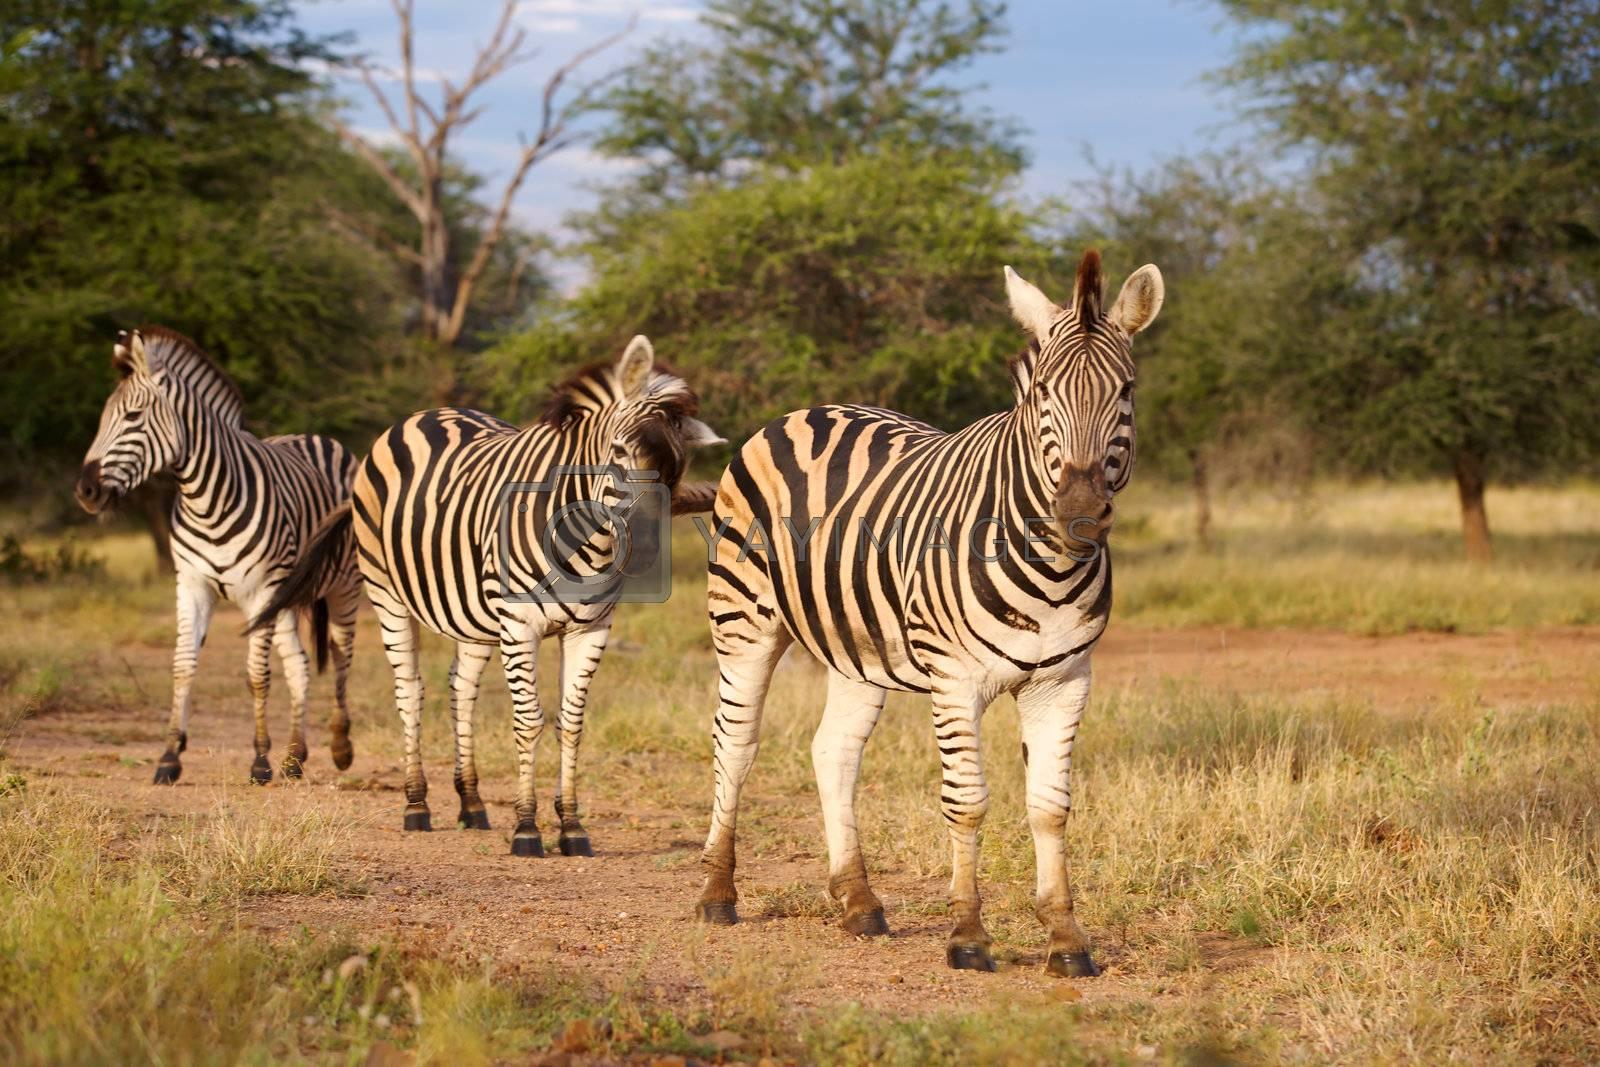 Royalty free image of Burchell's Zebra by zambezi